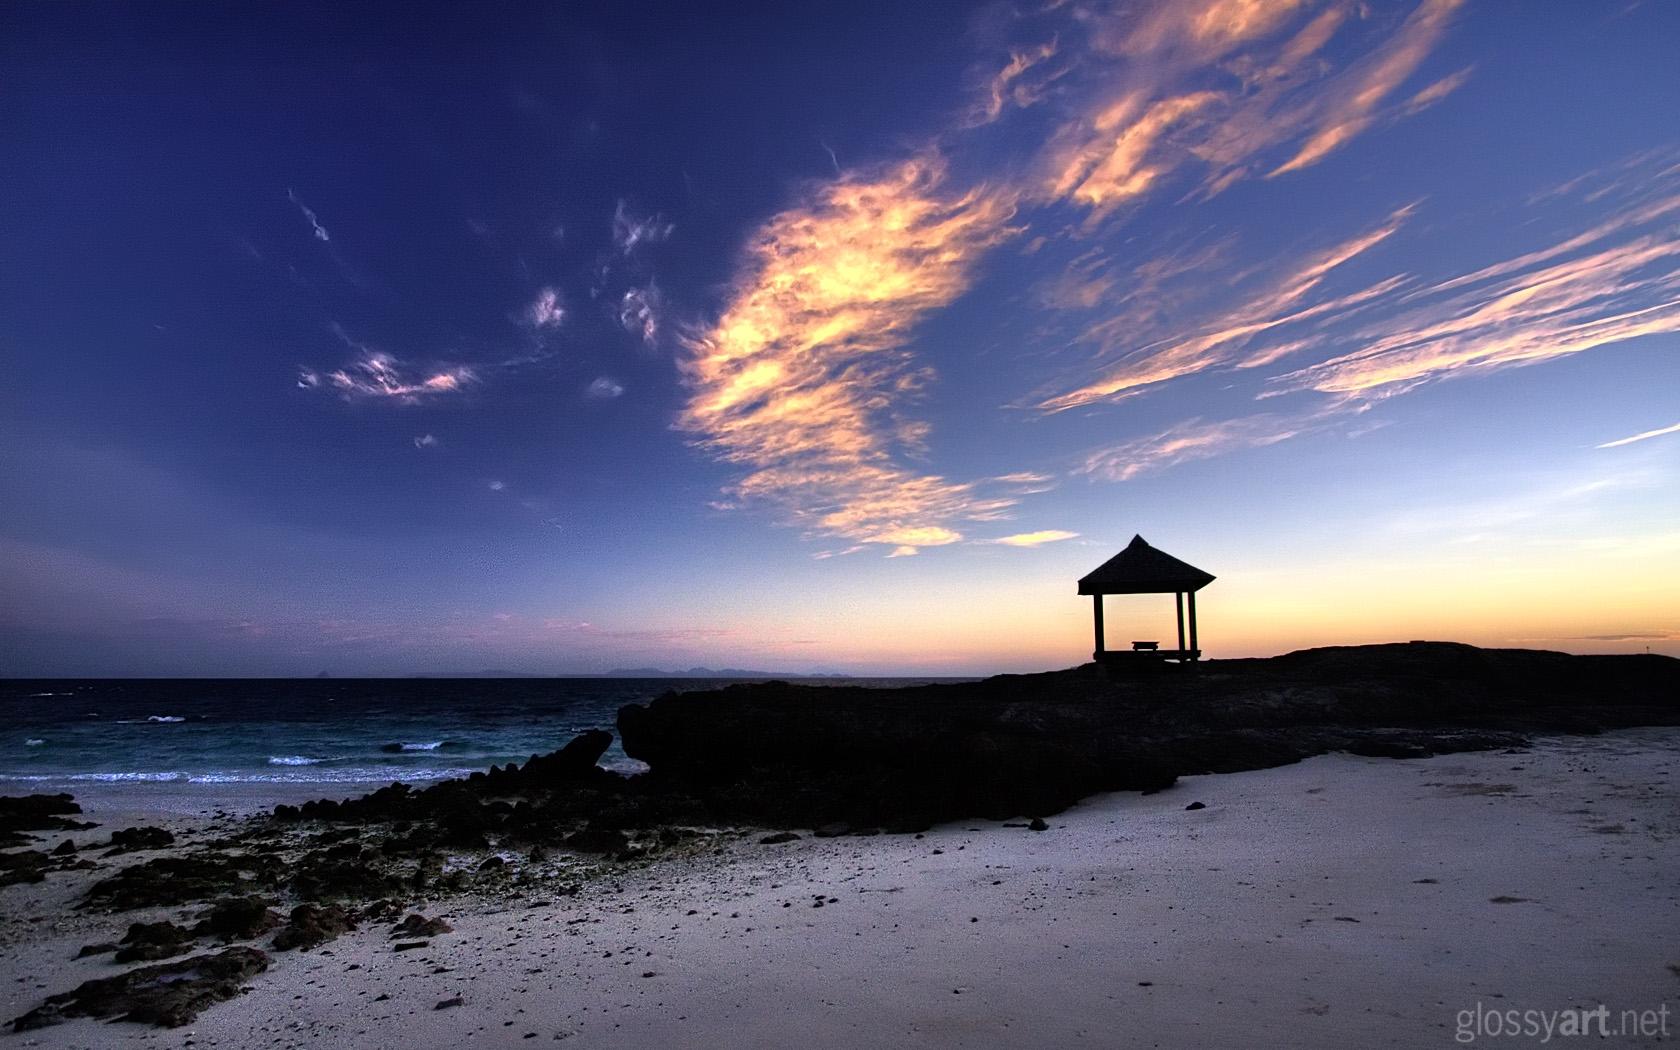 Before Sunrise by nxxos